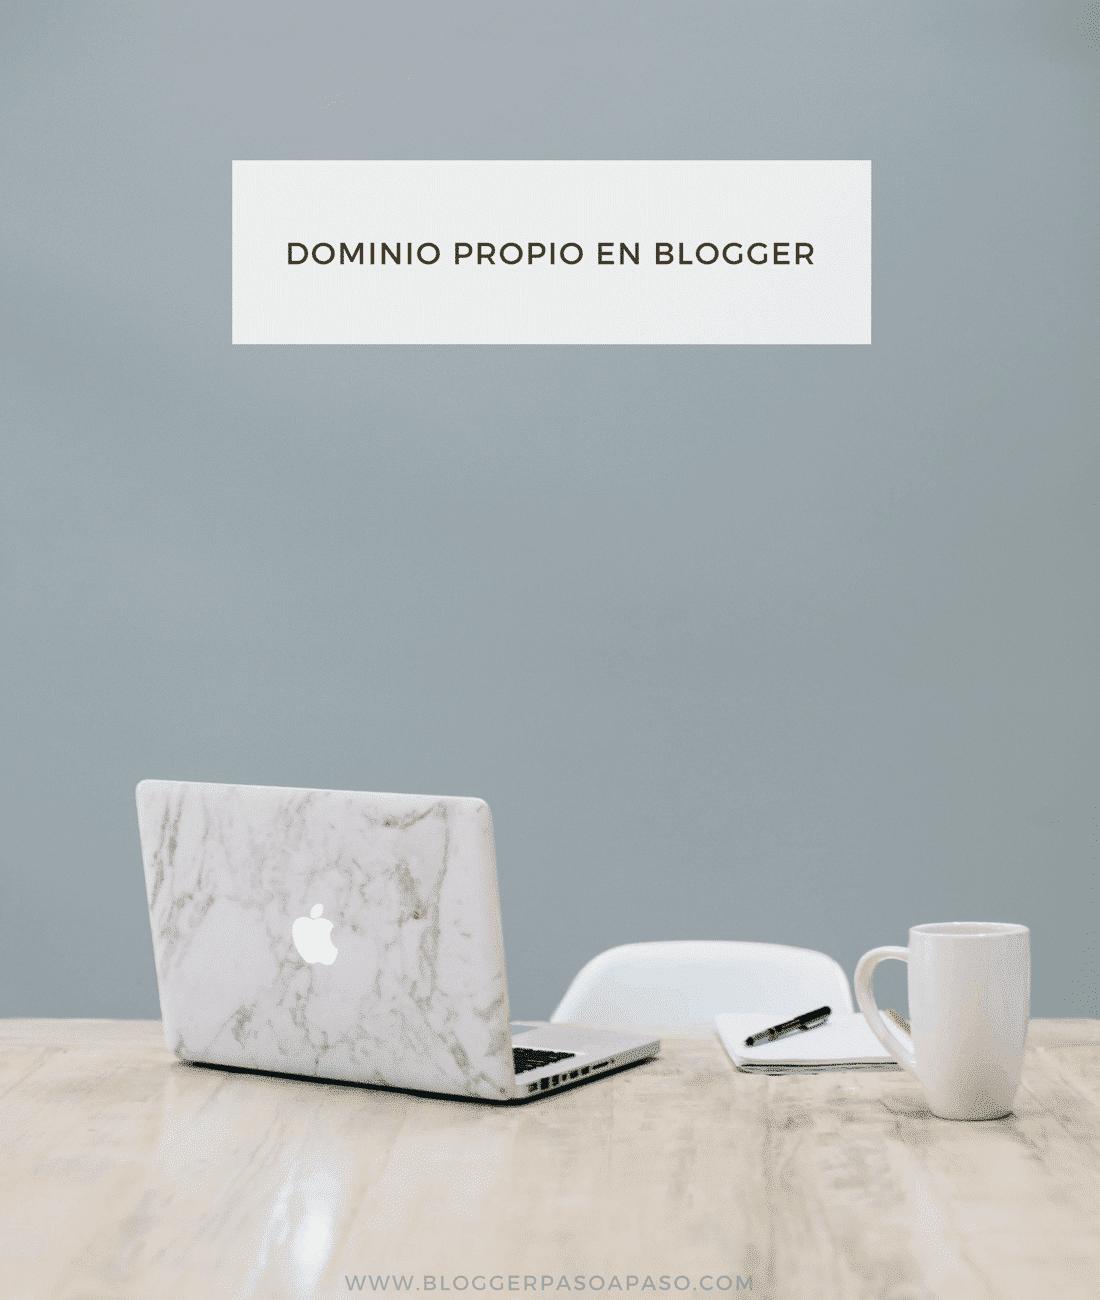 poner dominio propio en blogger